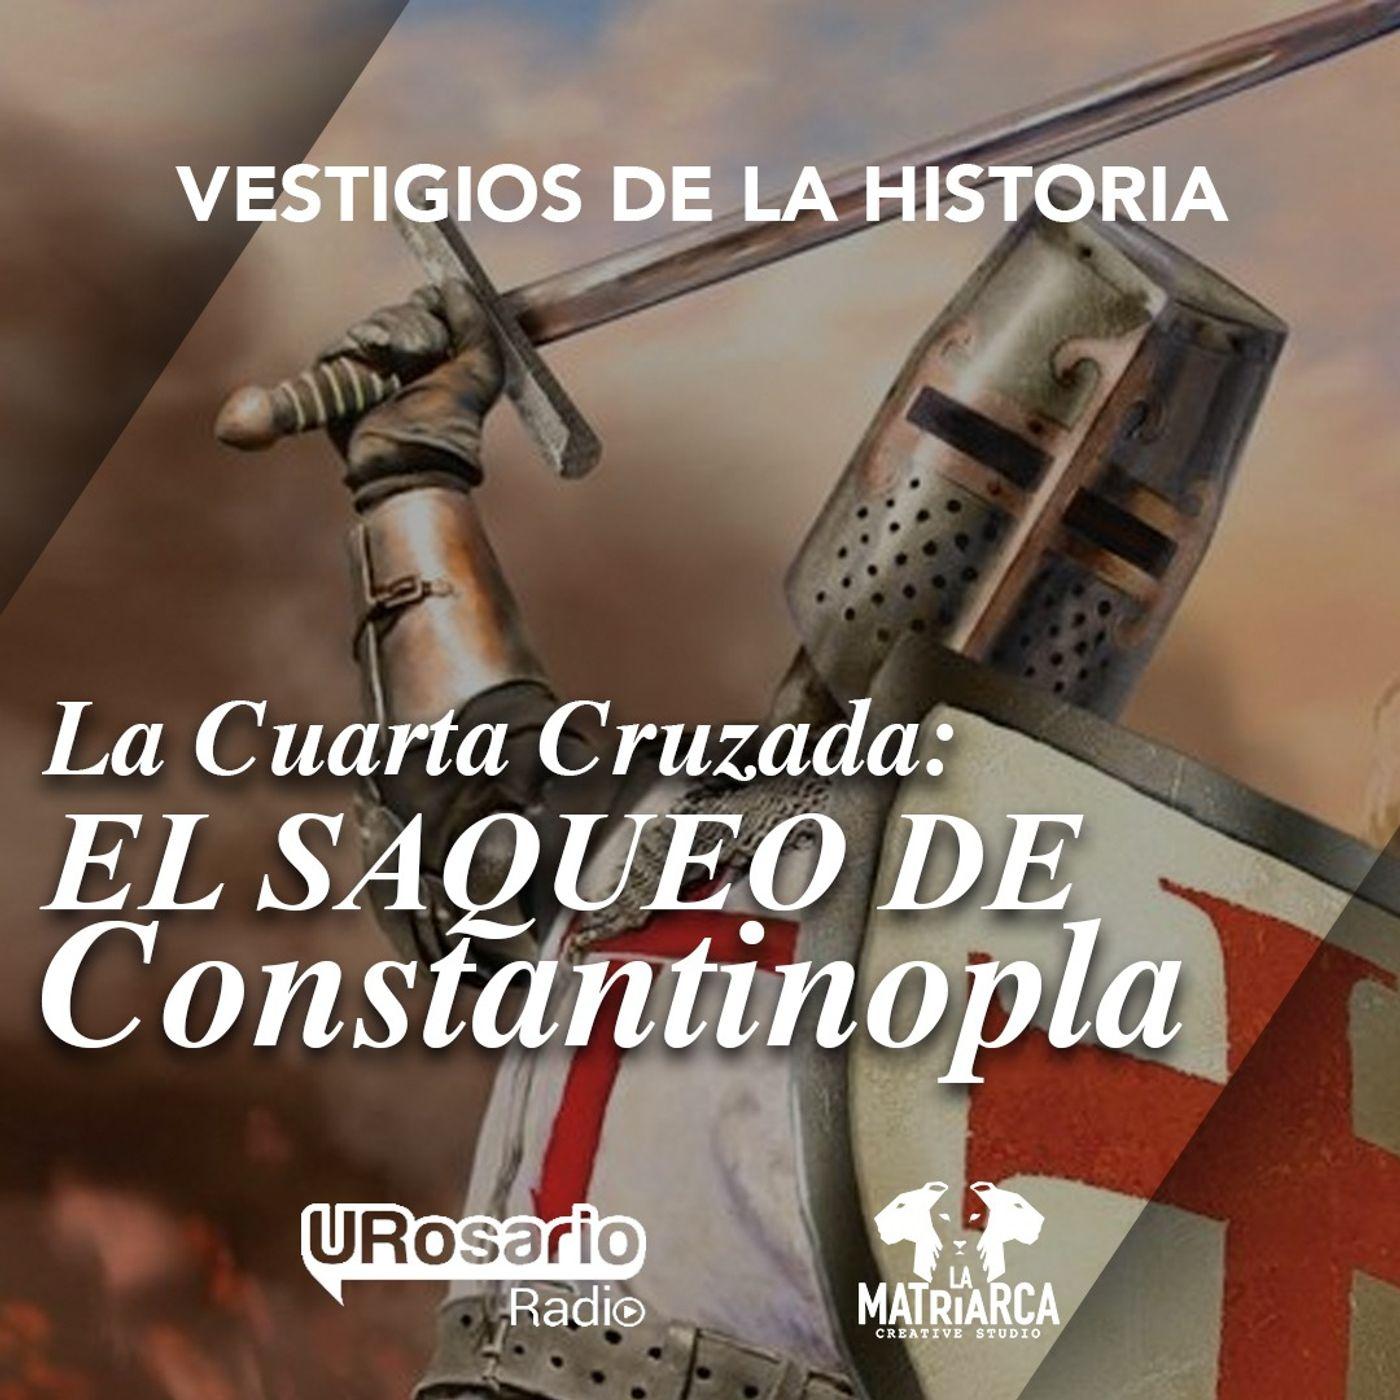 La Cuarta Cruzada: el saqueo de Constantinopla